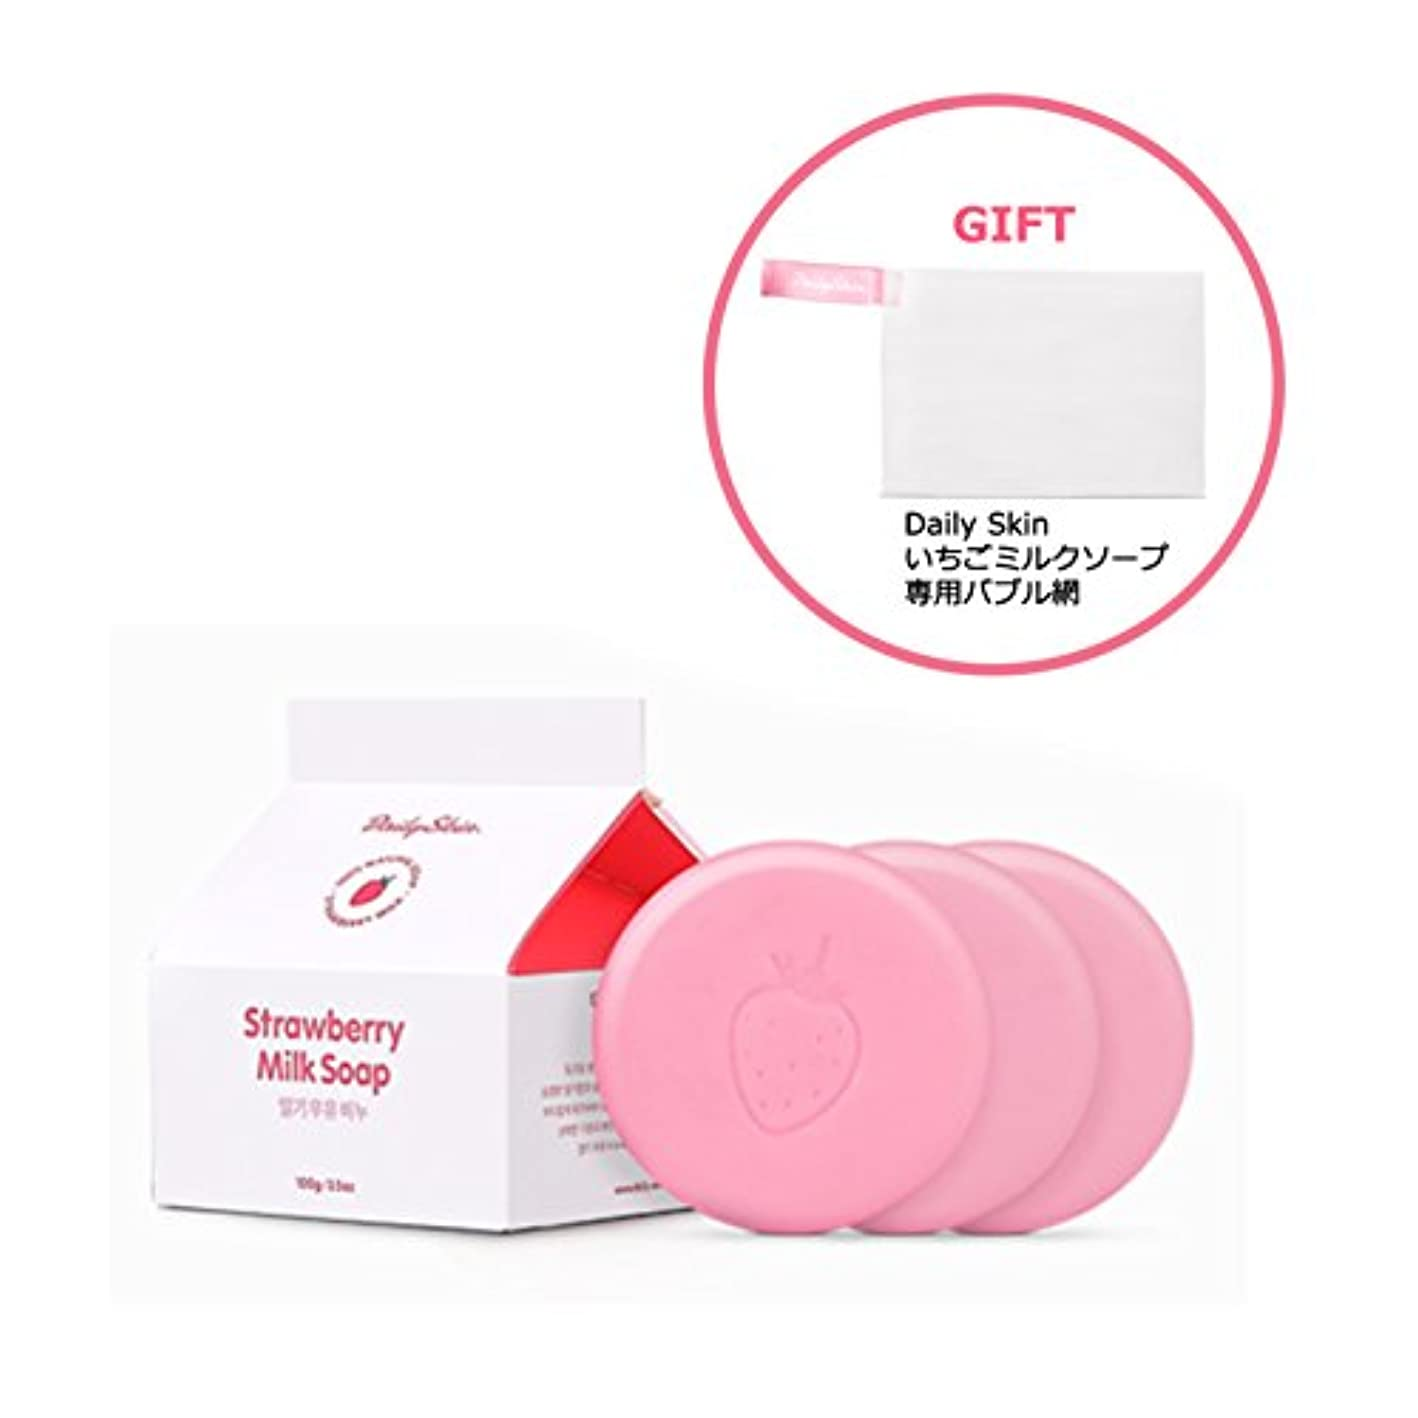 凶暴なマディソン銅[3個+専用バブルネット][Daily Skin] デイリースキンリアルイチゴミルクソープ 石鹸 Real Natural Strawberry Milk Soap [並行輸入品]